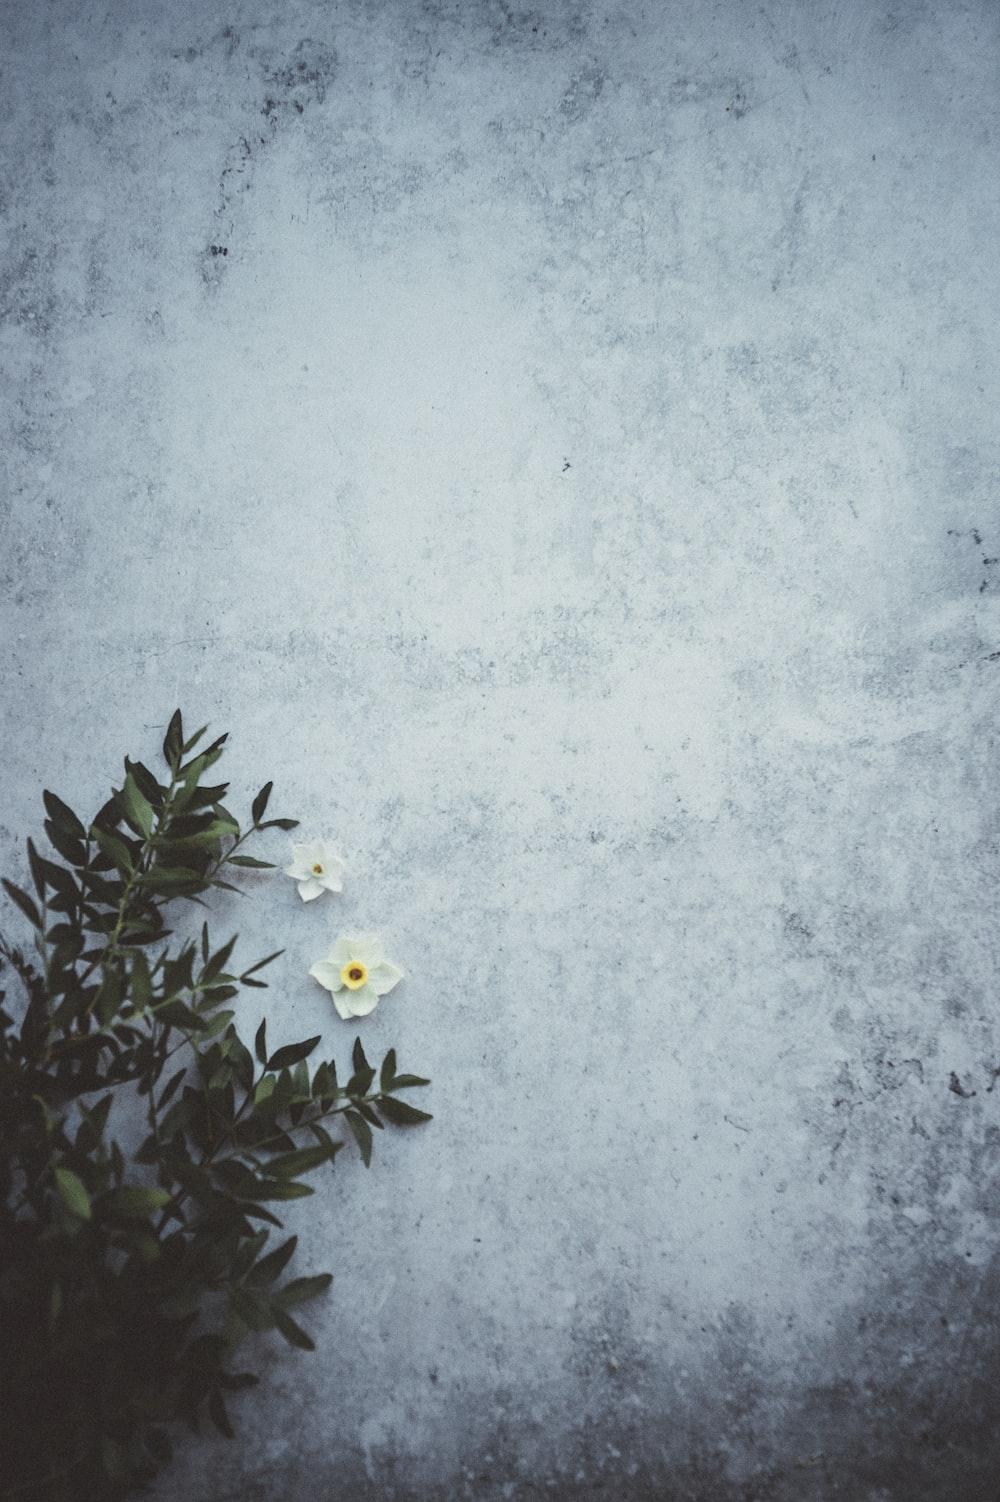 white flowers beside green leaves